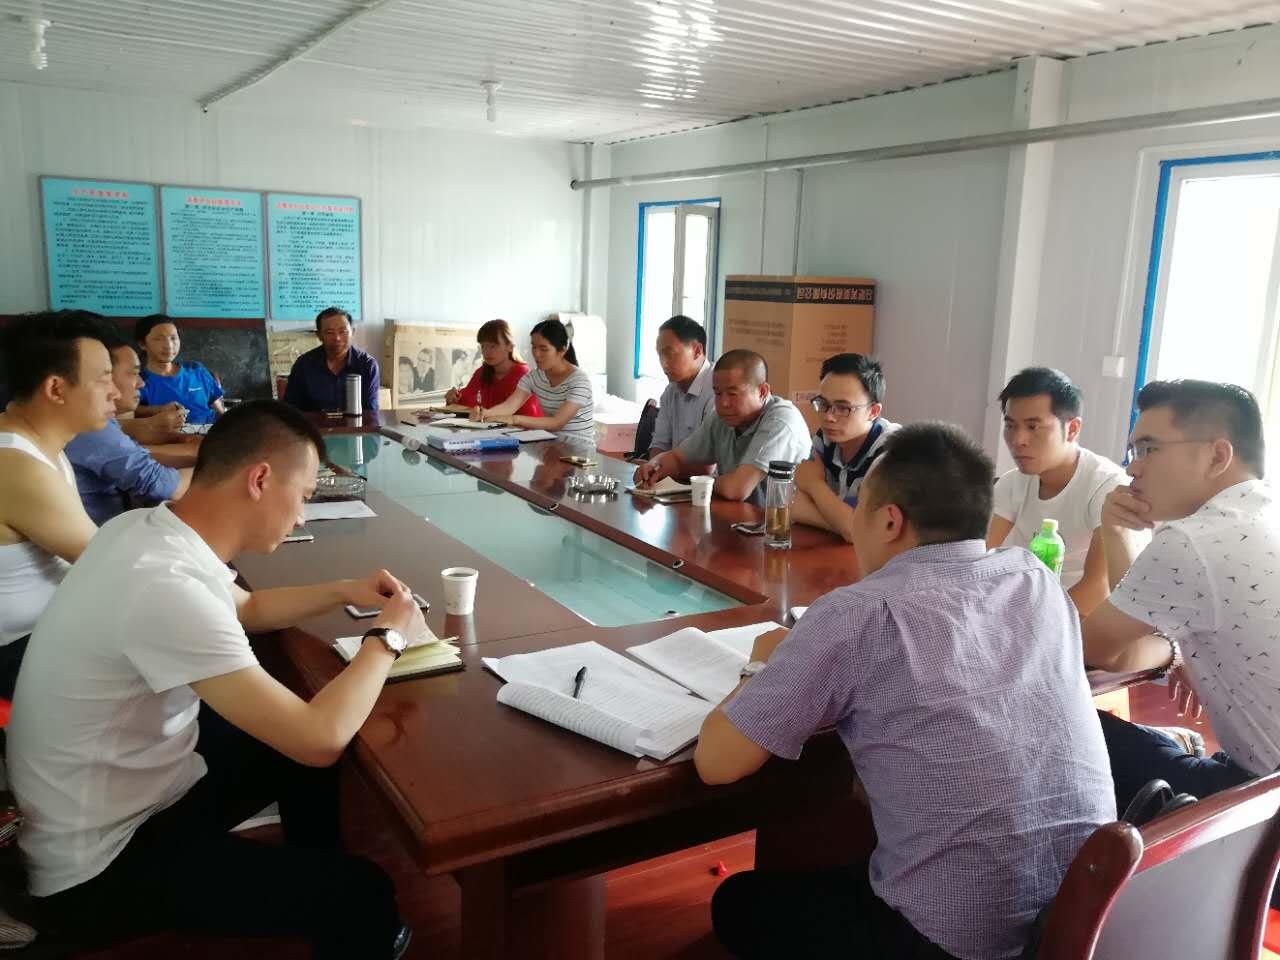 2017年公司管理层接受培训学习|明飞动态-青海明飞投资发展有限公司